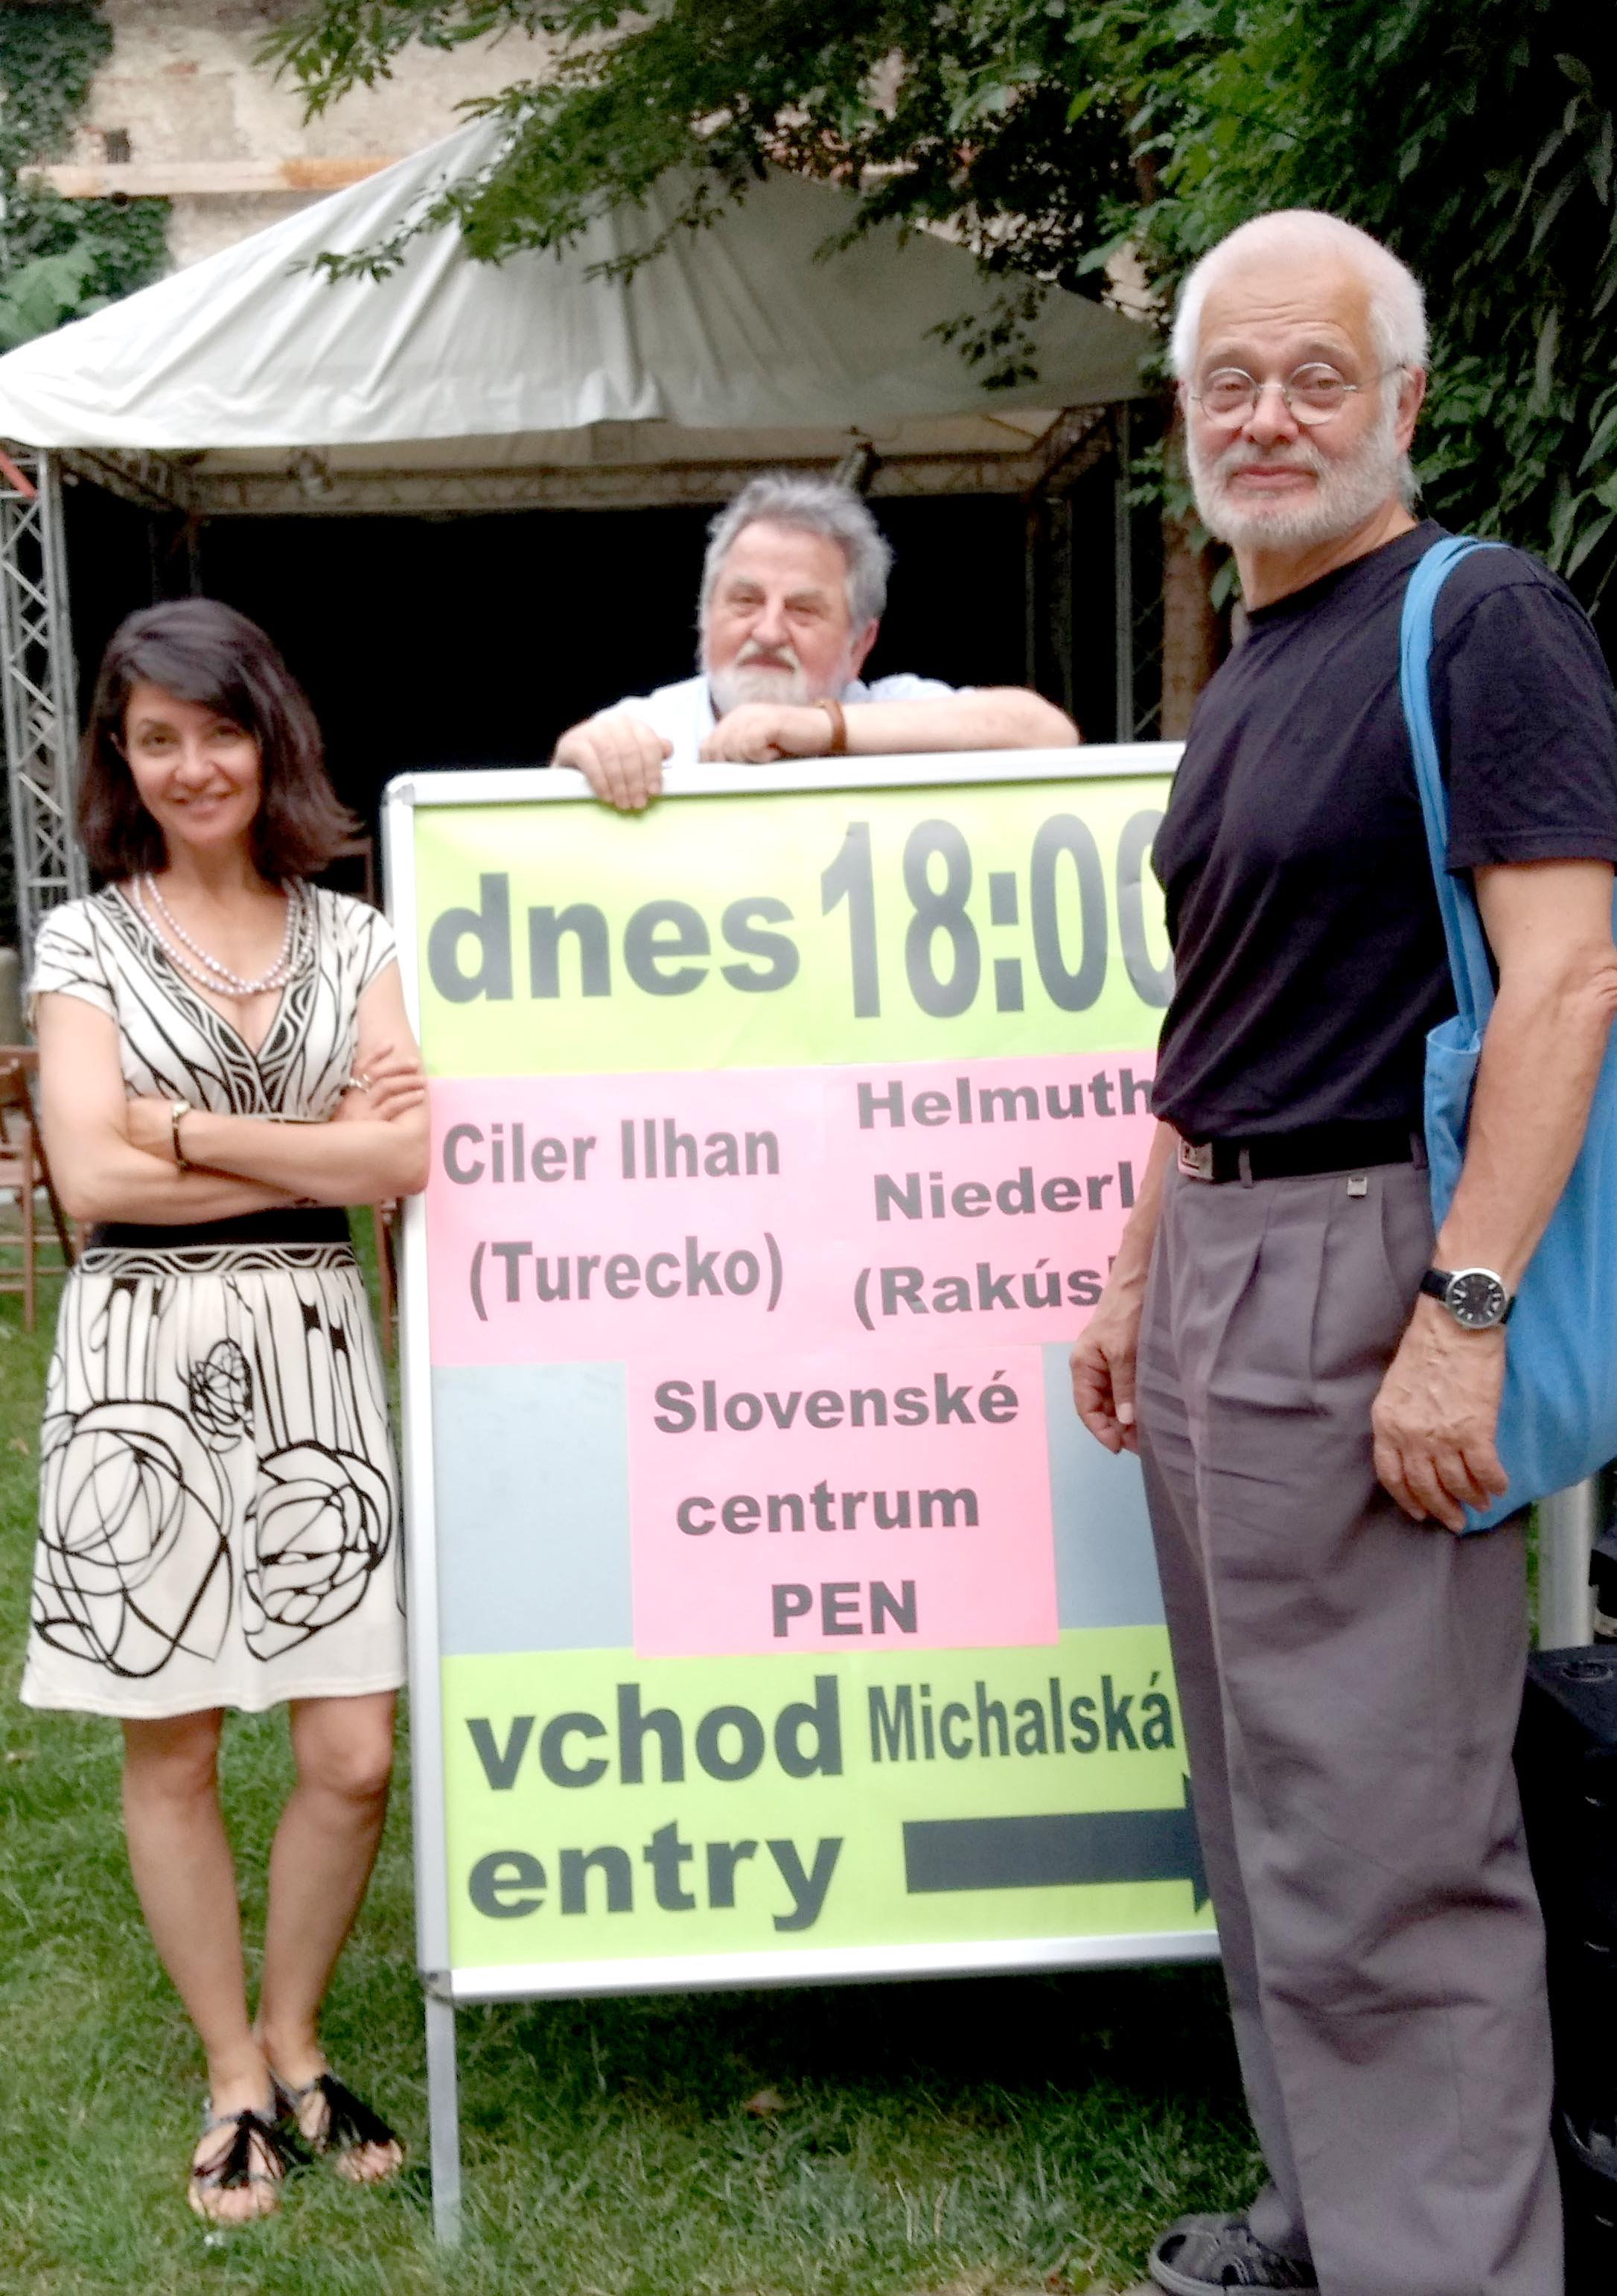 Ciler, Helmuth a MR U červeného raka